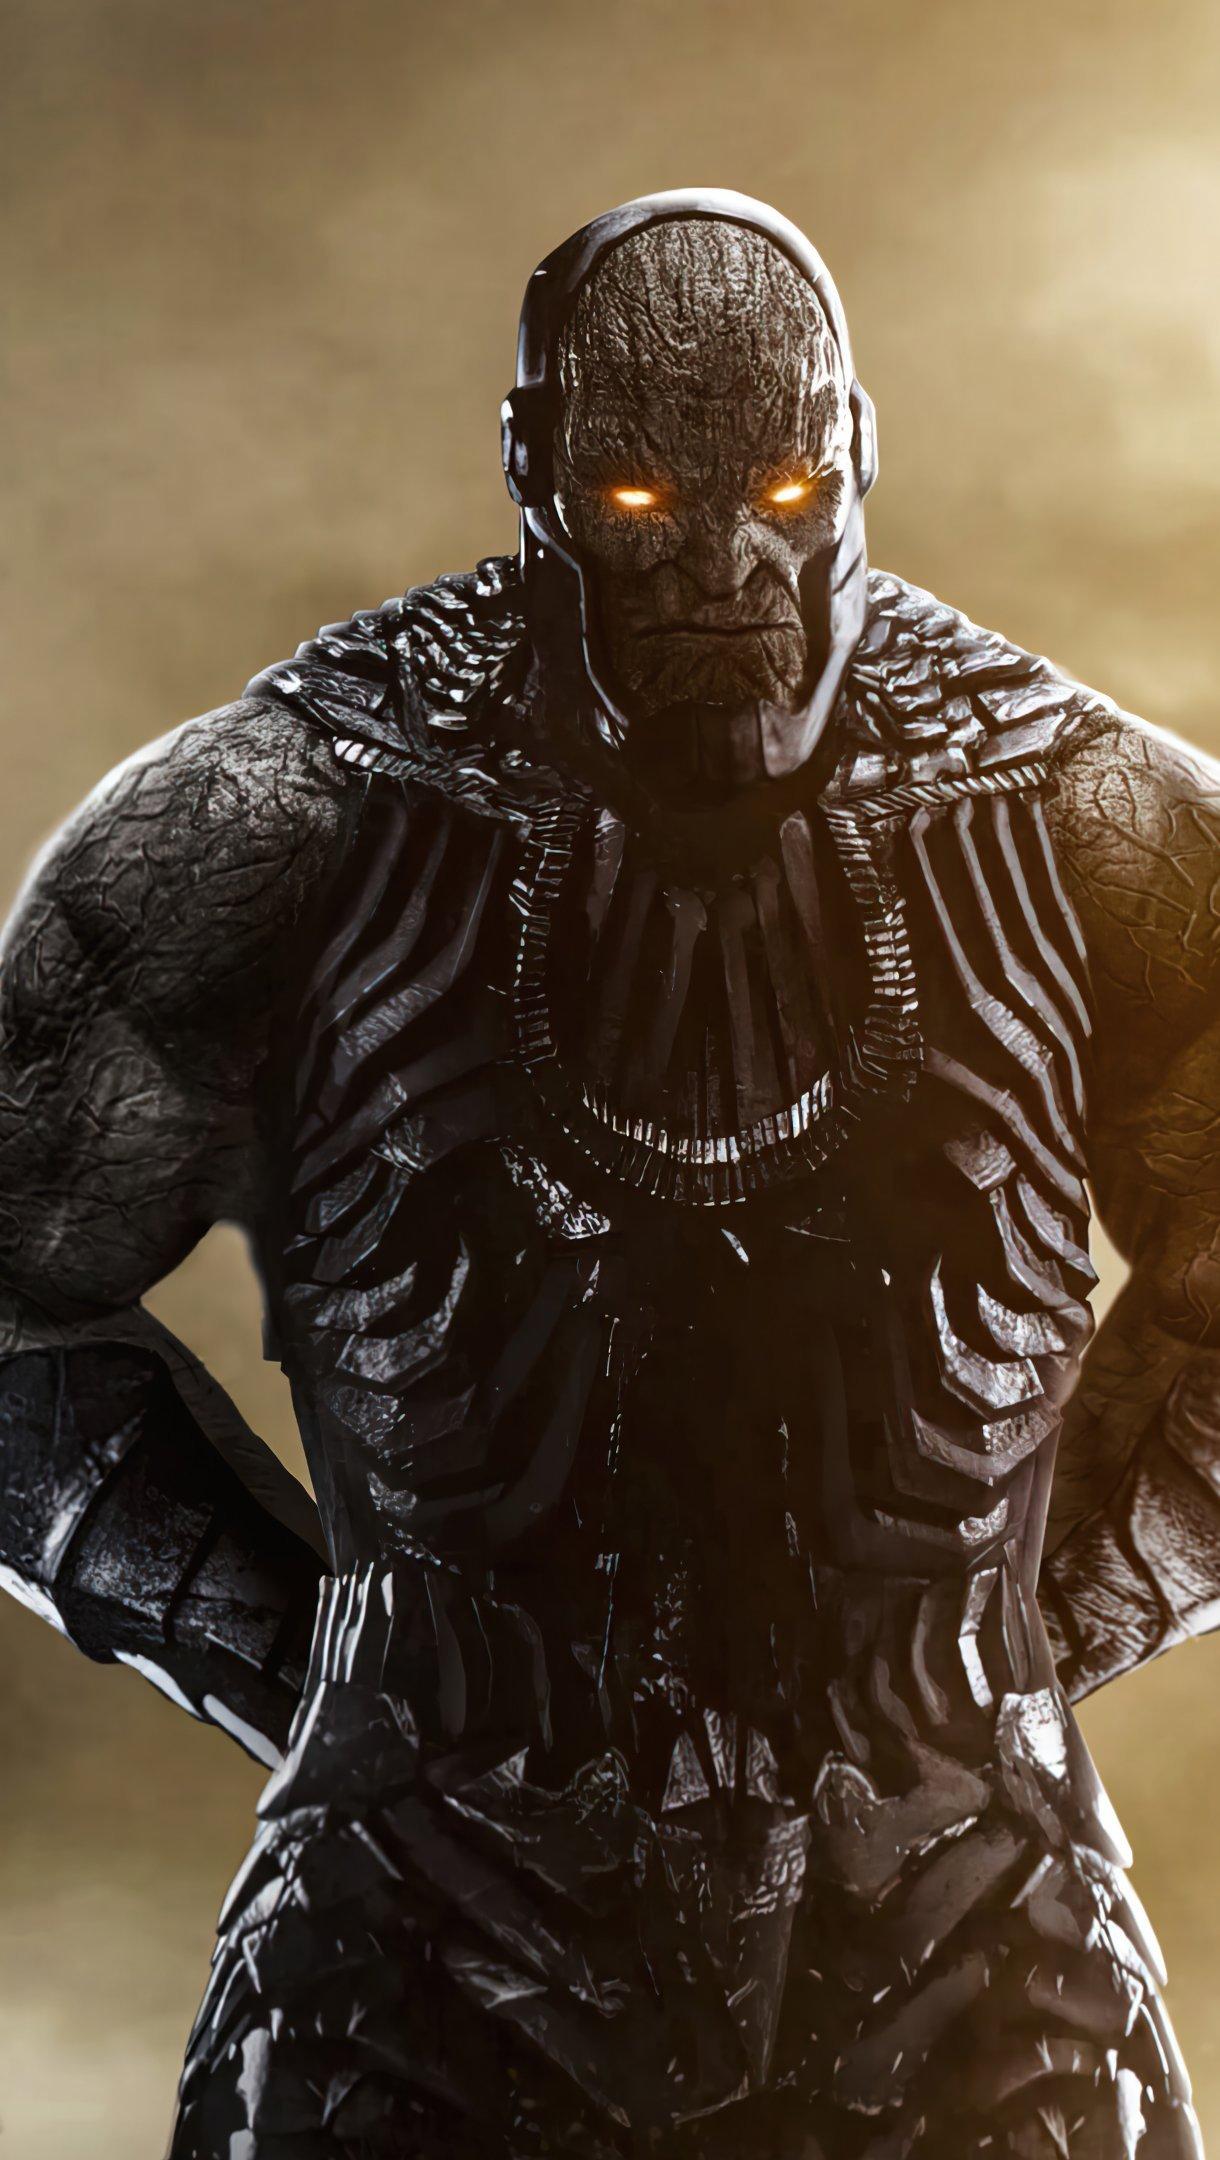 Fondos de pantalla Darkseid Liga de la justicia Vertical